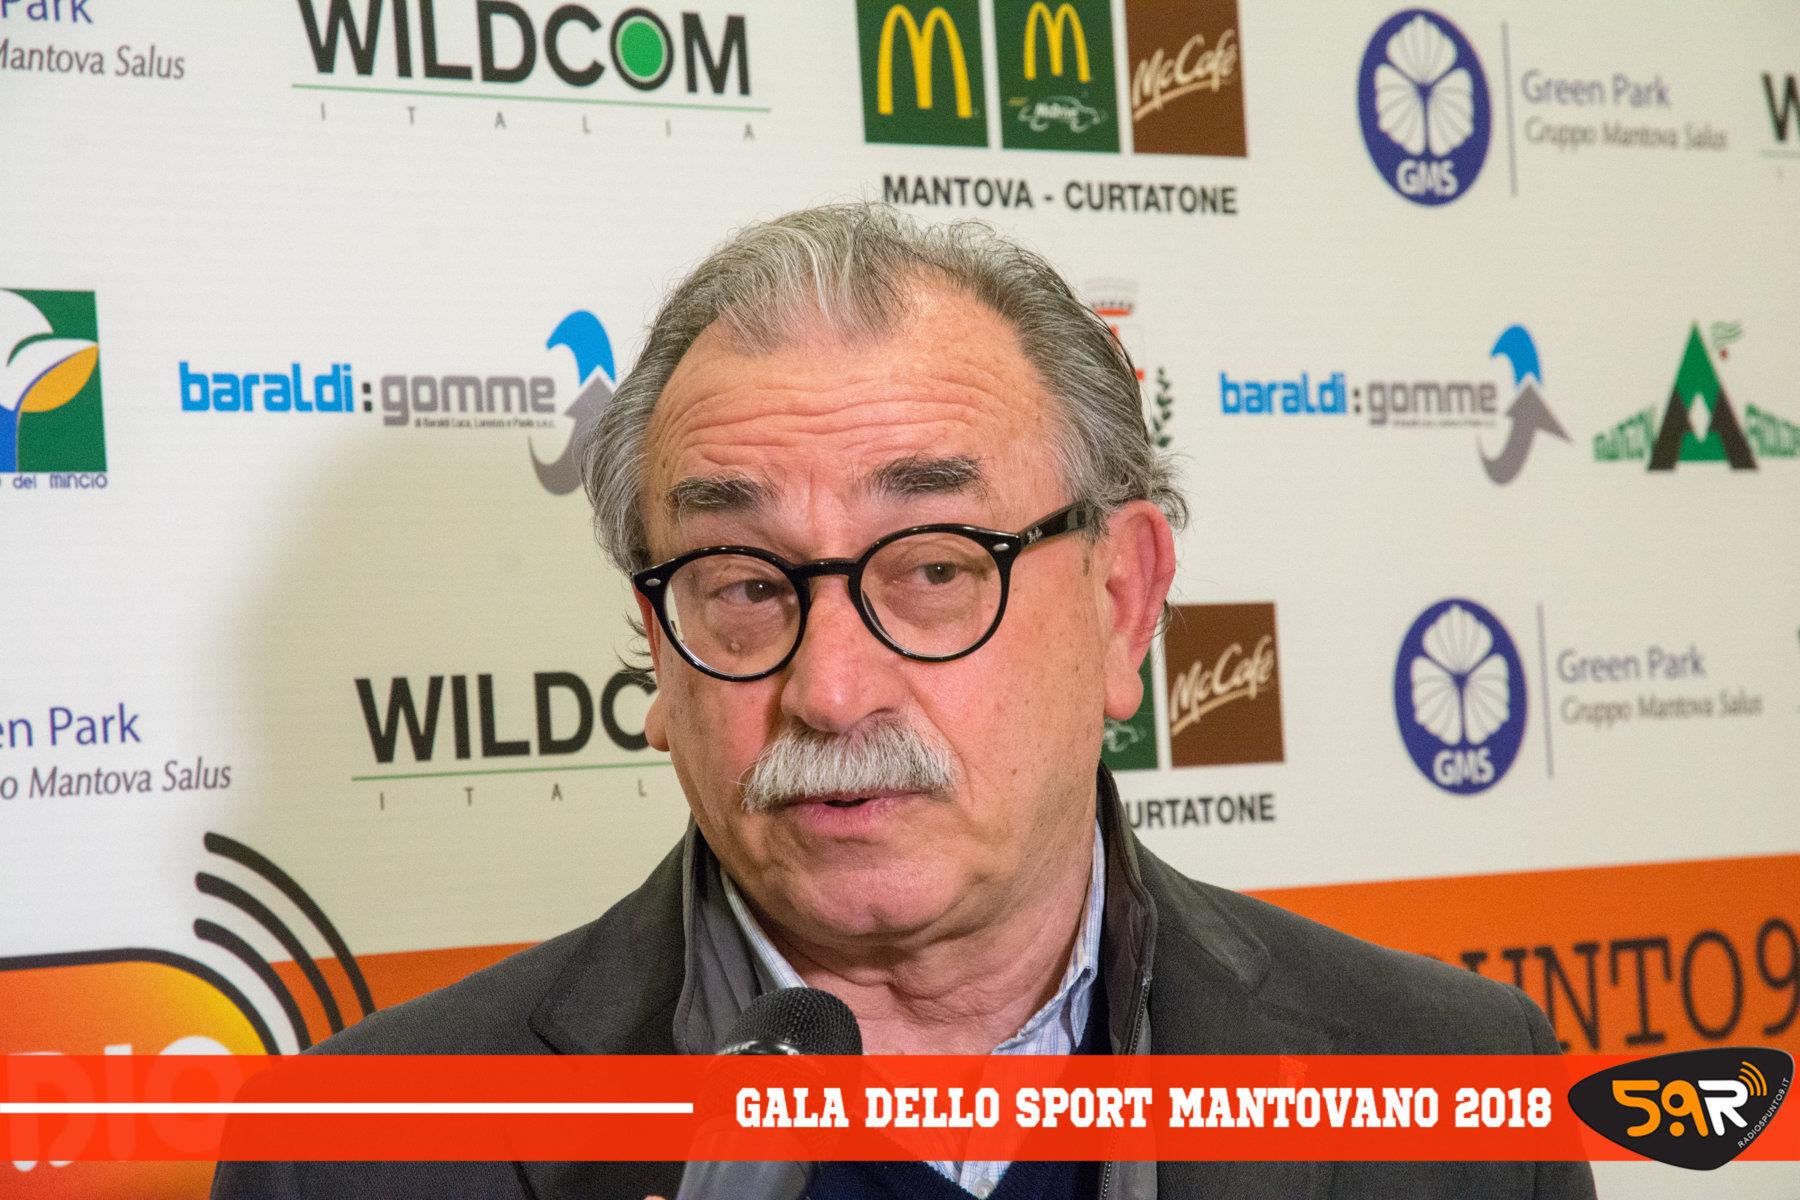 Gala dello Sport Mantovano 2018 Web Radio 5 (22)